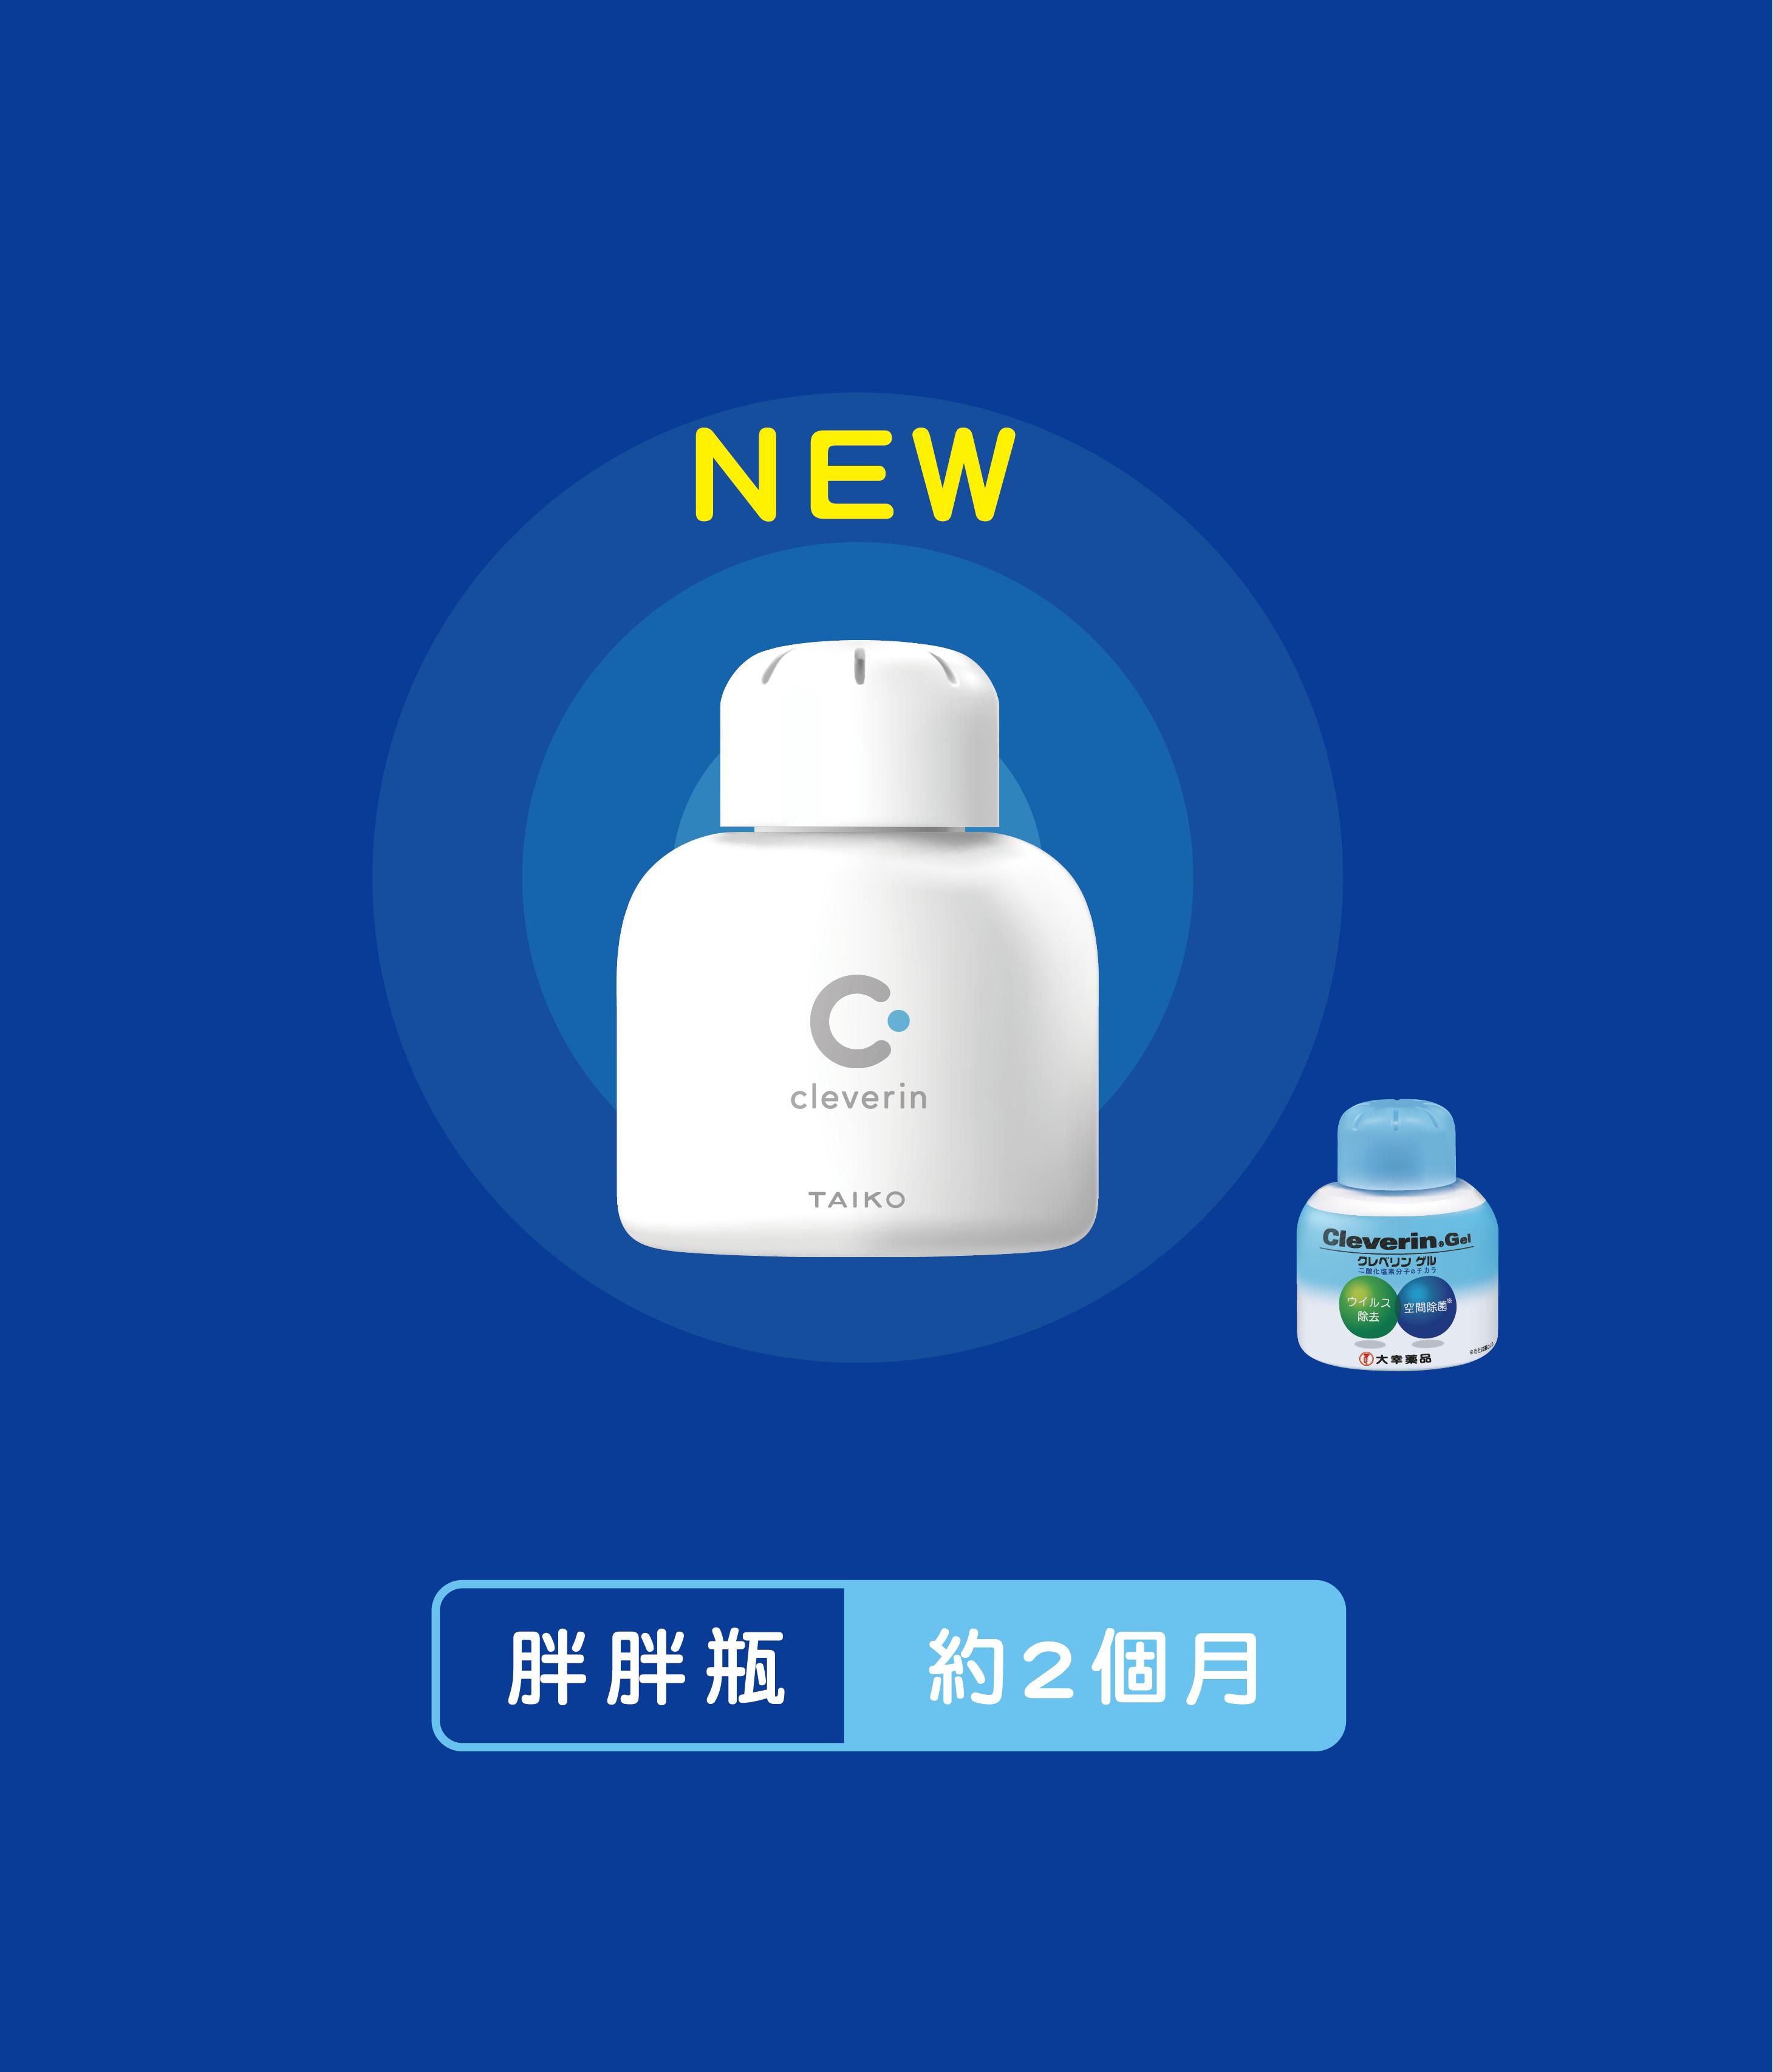 加護靈胖胖瓶新舊造型同時亮相,胖胖瓶可使用2個月